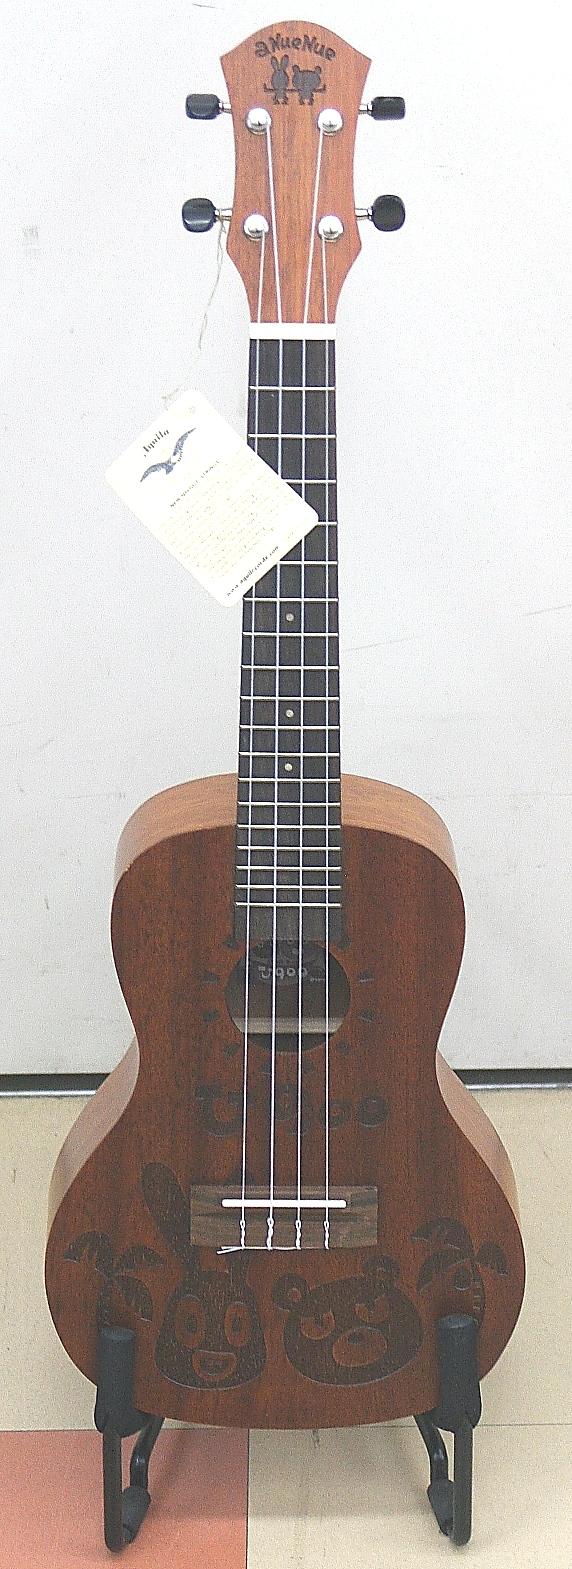 アヌエヌエ ウクレレ U900 Ⅱ コンサートサイズ